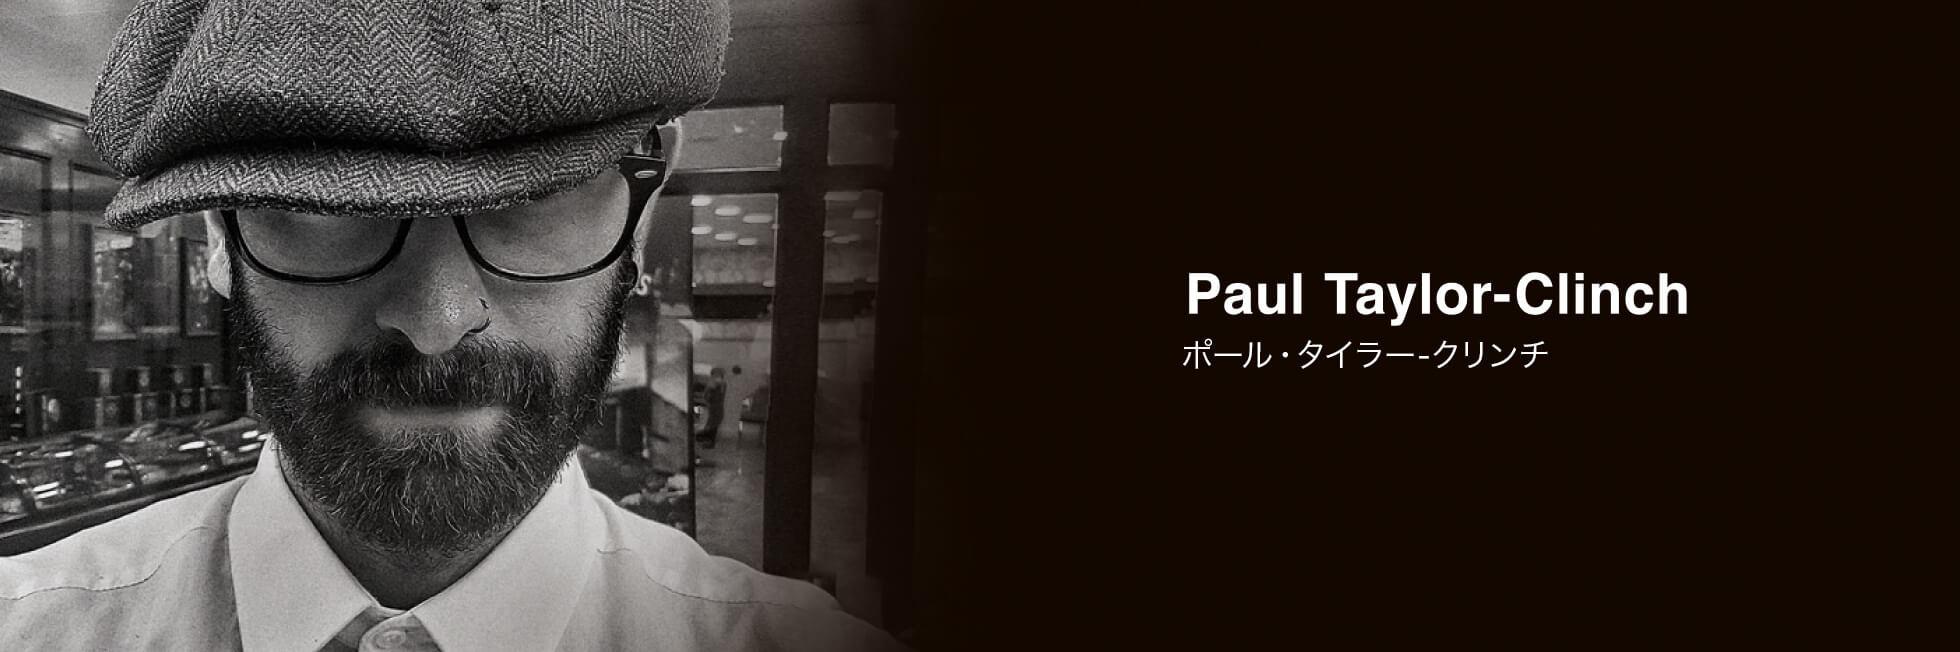 Paul Taylor-Clinch ポール・テイラー-クリンチ